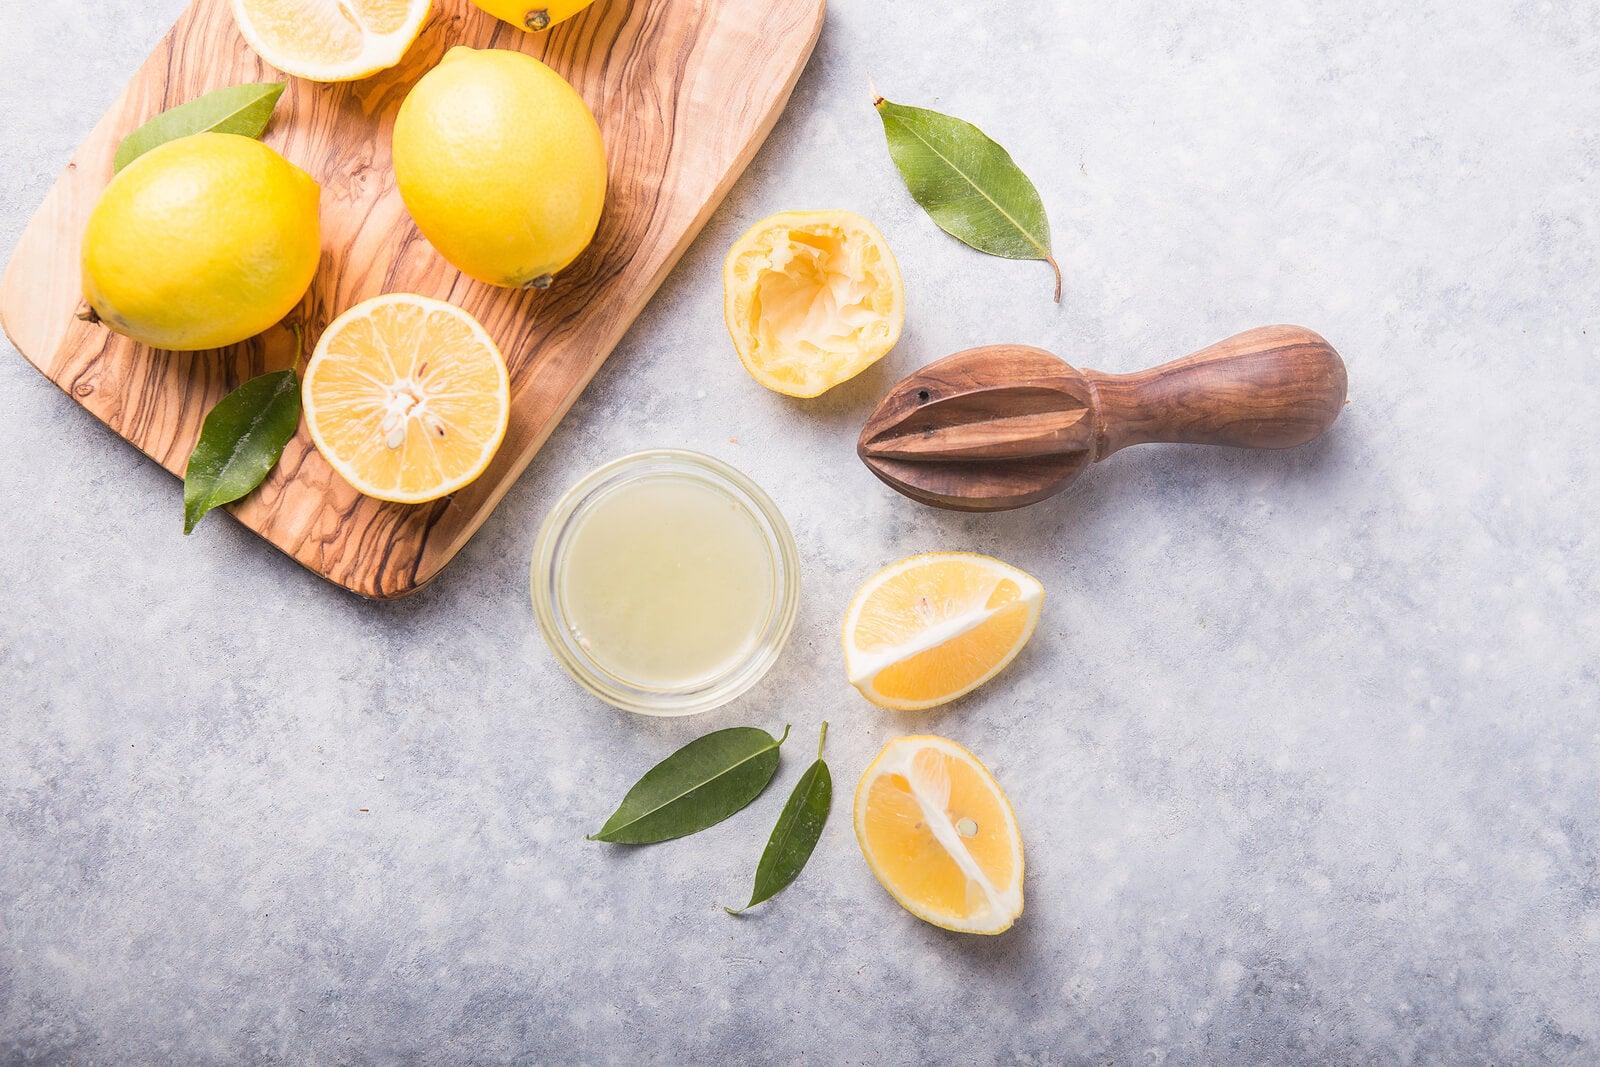 Comer limón a diario podría brindar varios beneficios a la salud.